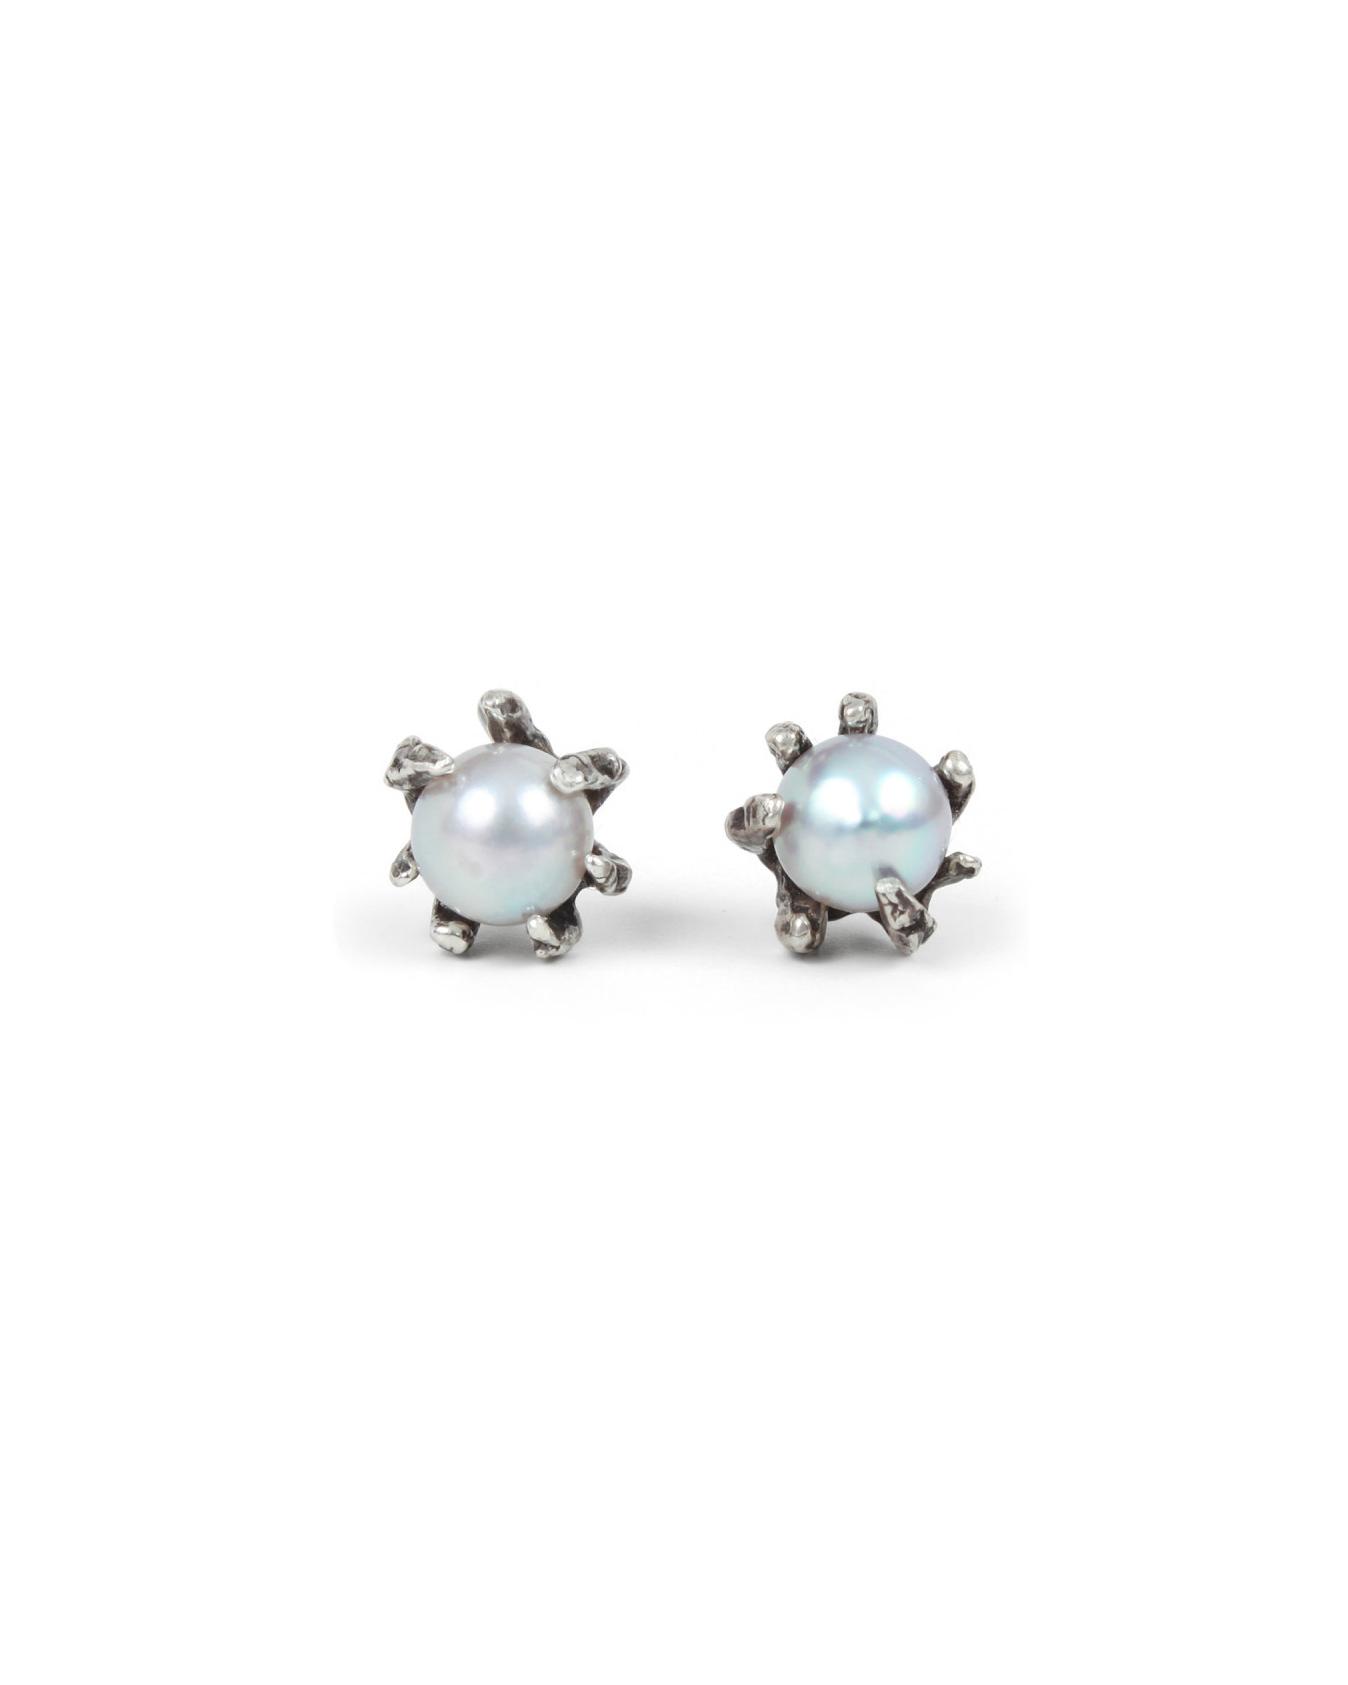 pearl wedding earrings lauren wolf grey claw